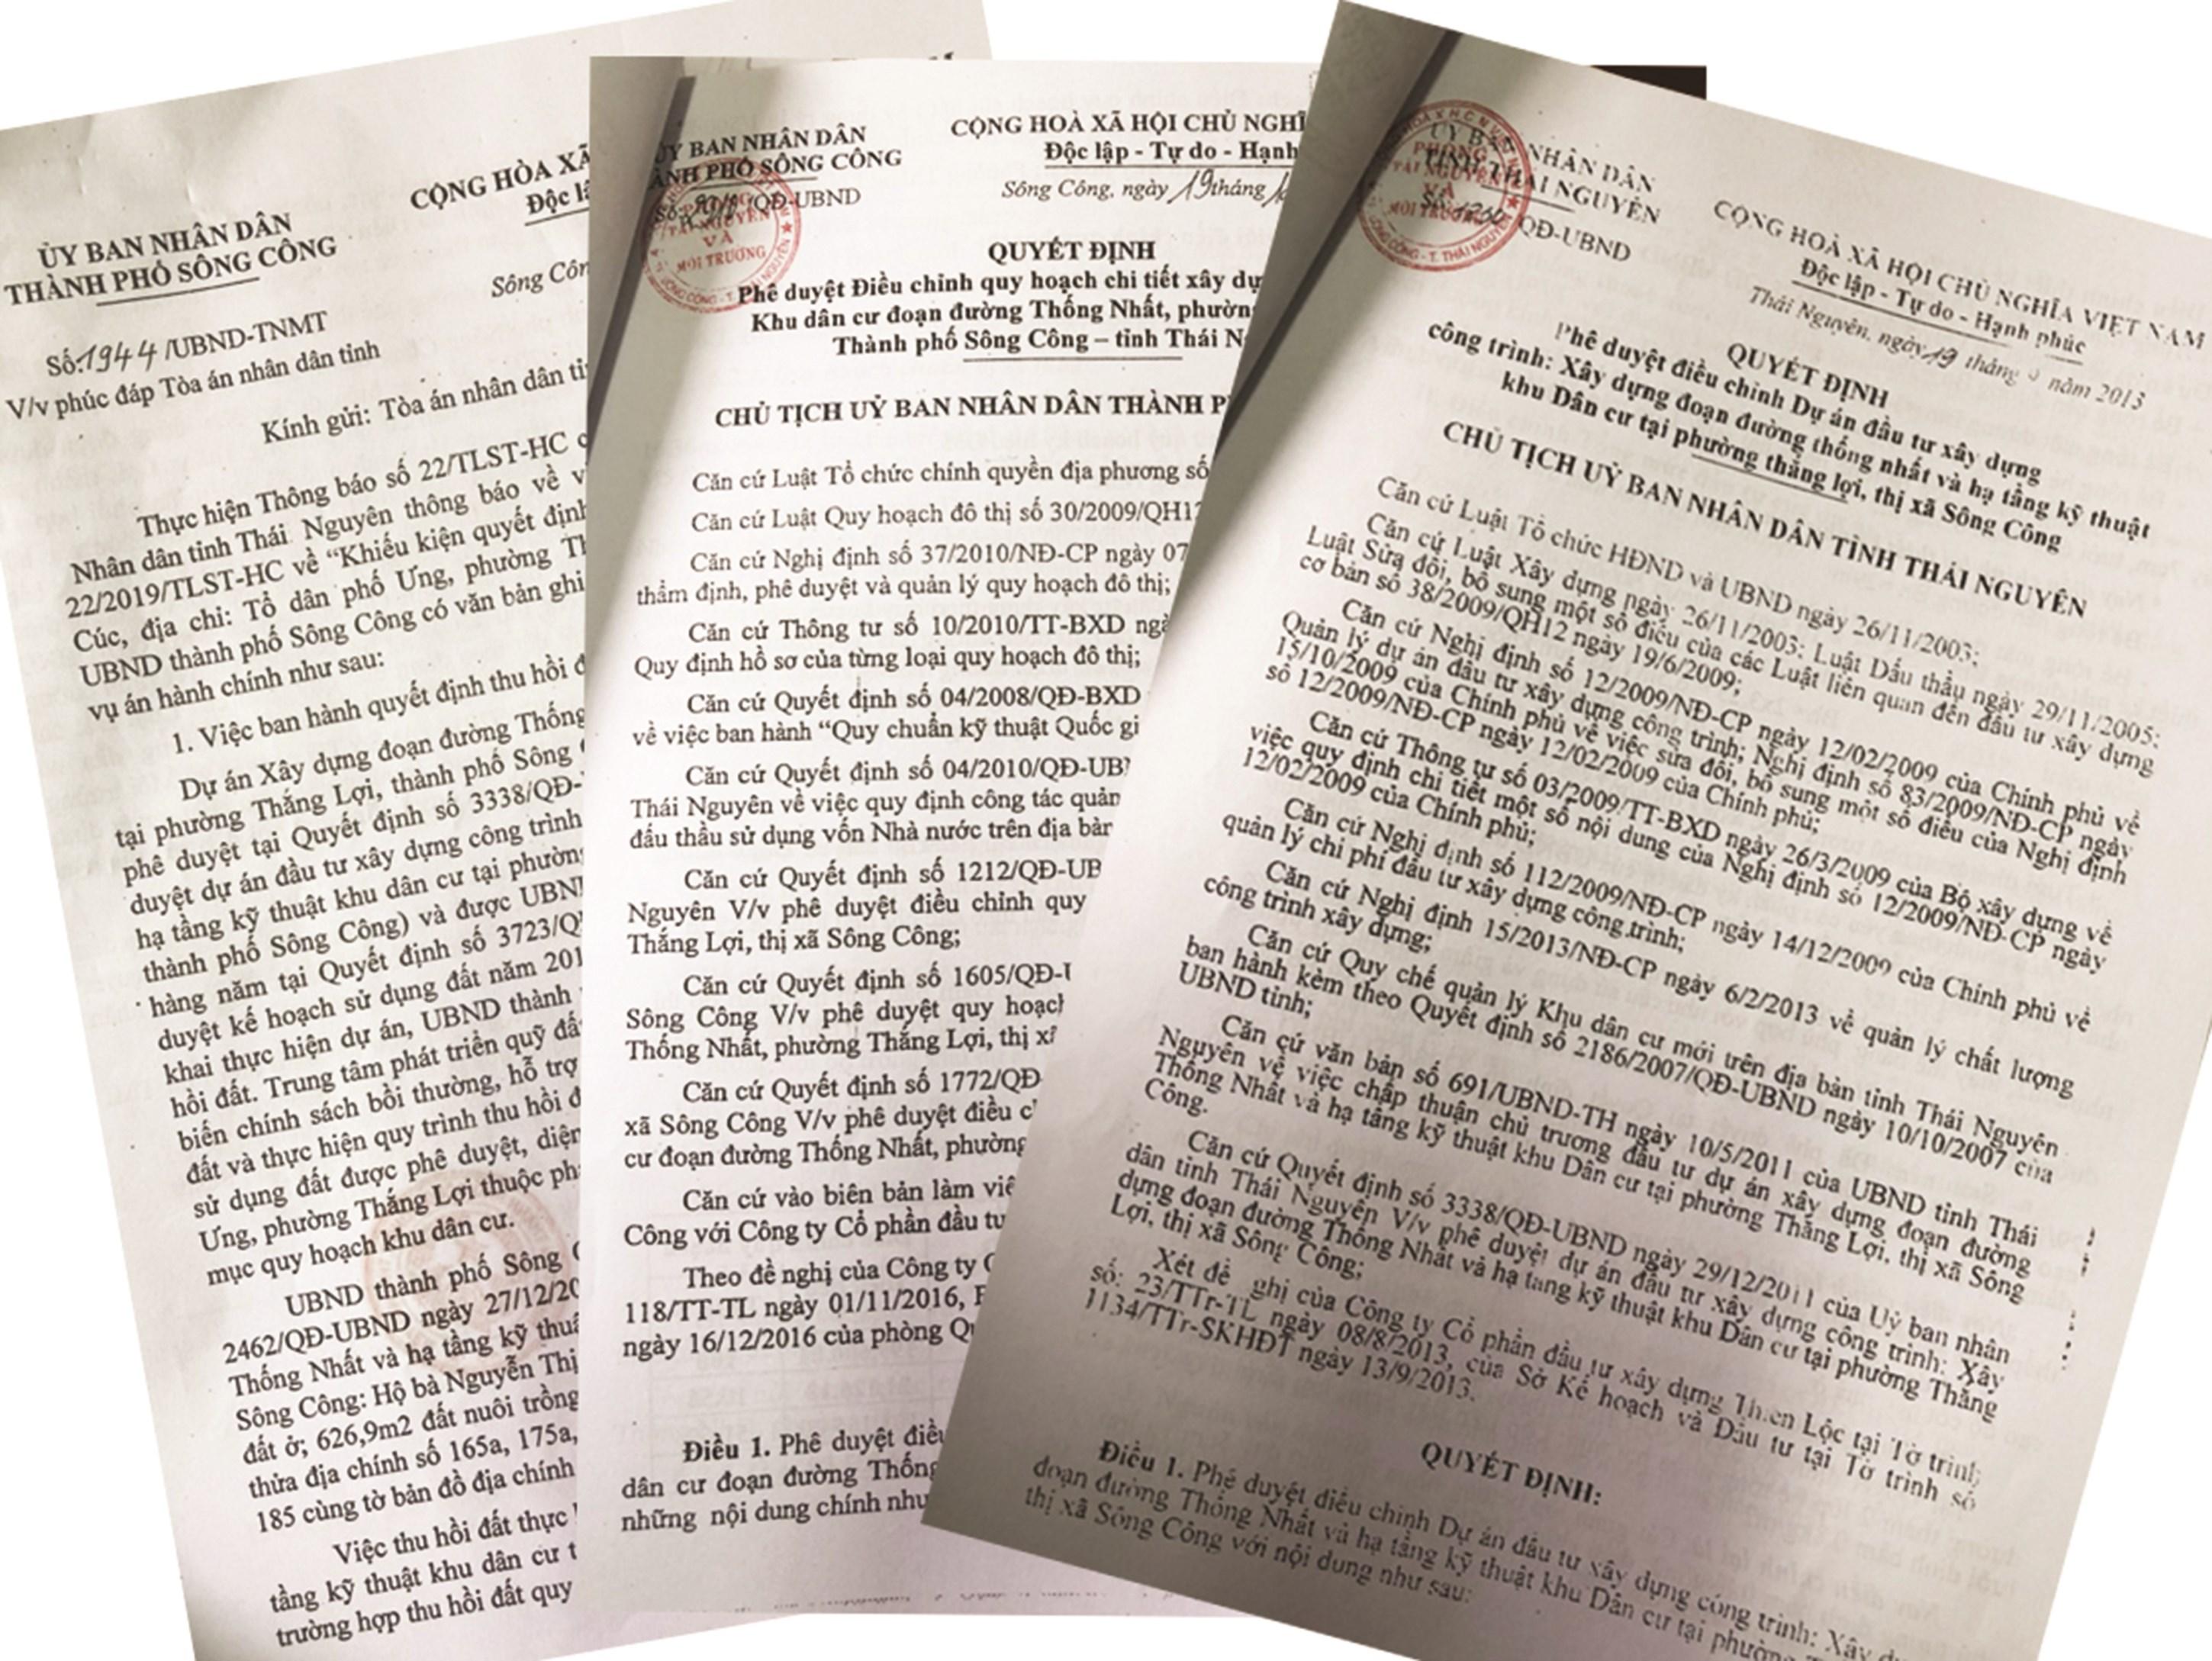 Một số văn bản liên quan của UBND TP. Sông Công và UBND tỉnh Thái Nguyên